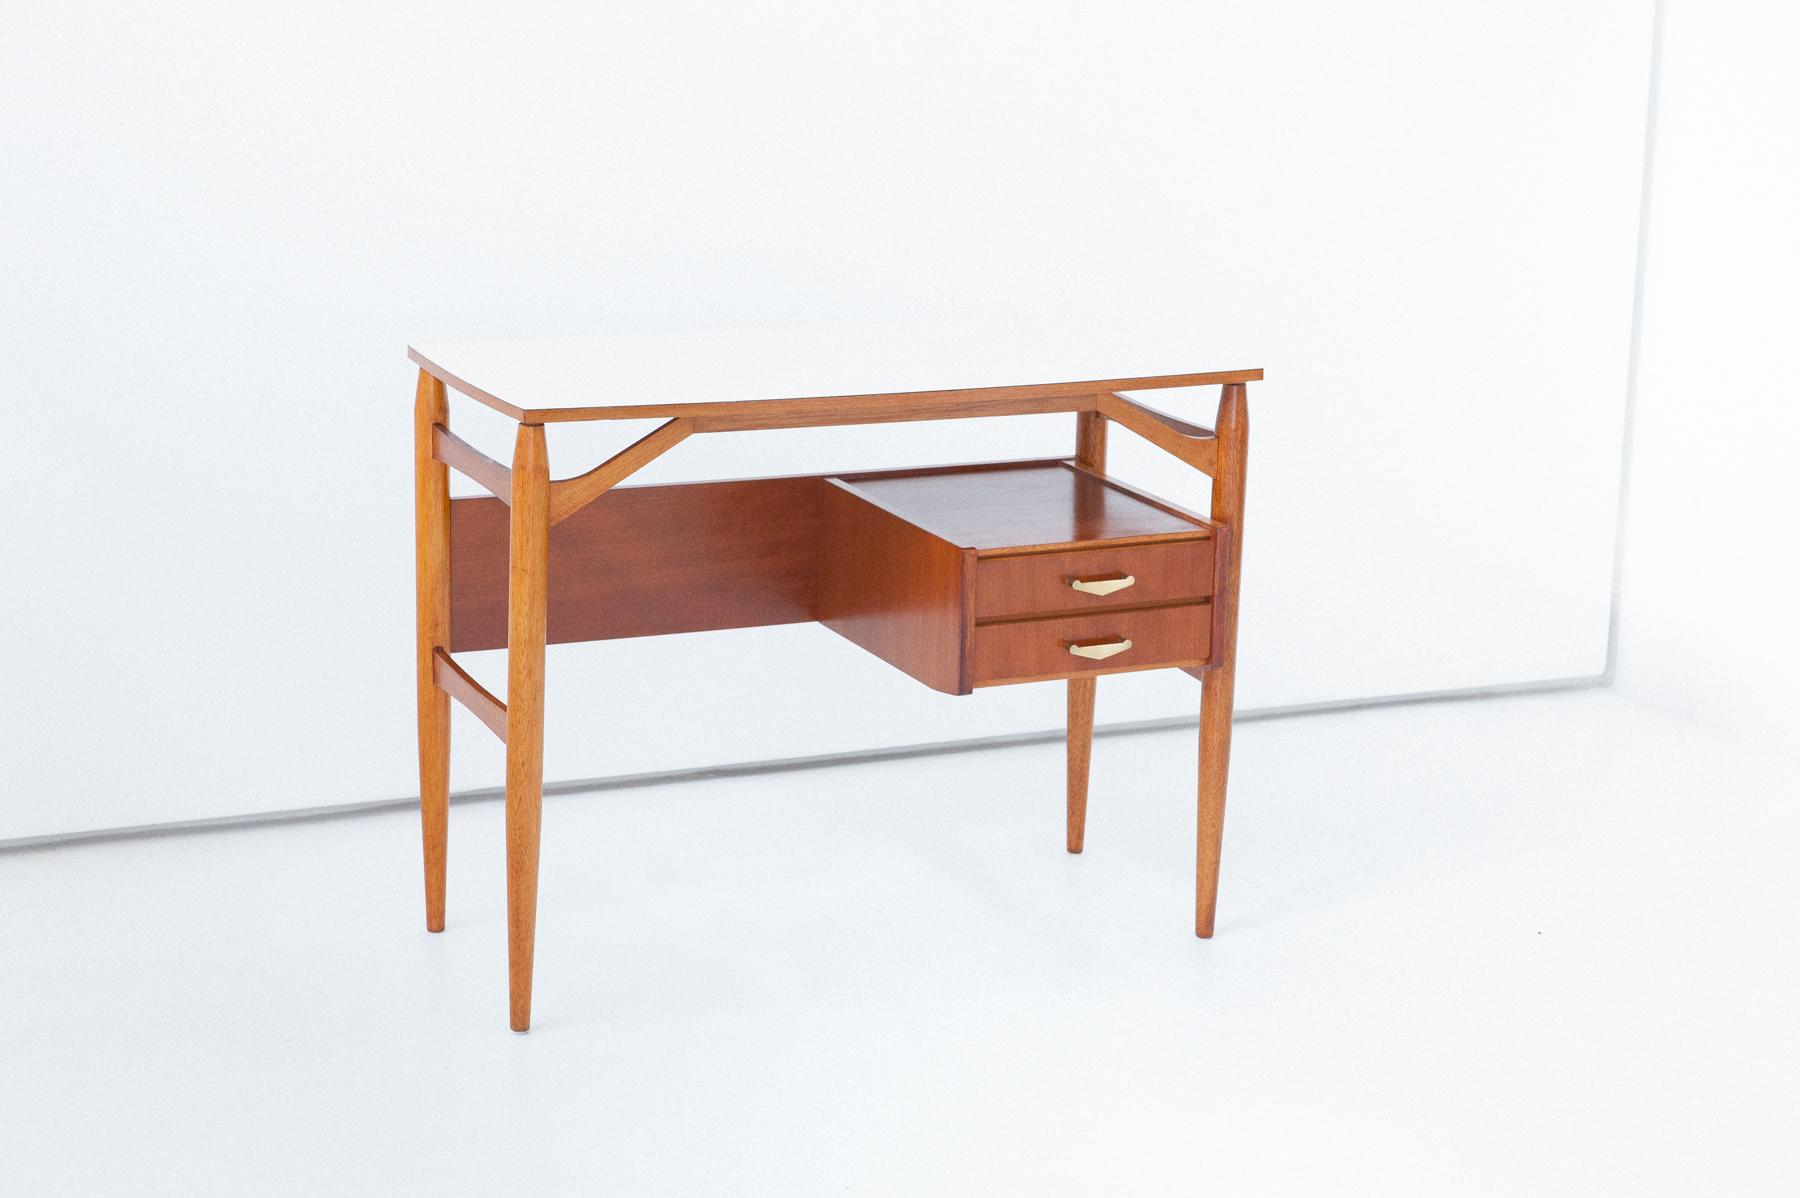 1950s-italian-little-desk-2-DT31